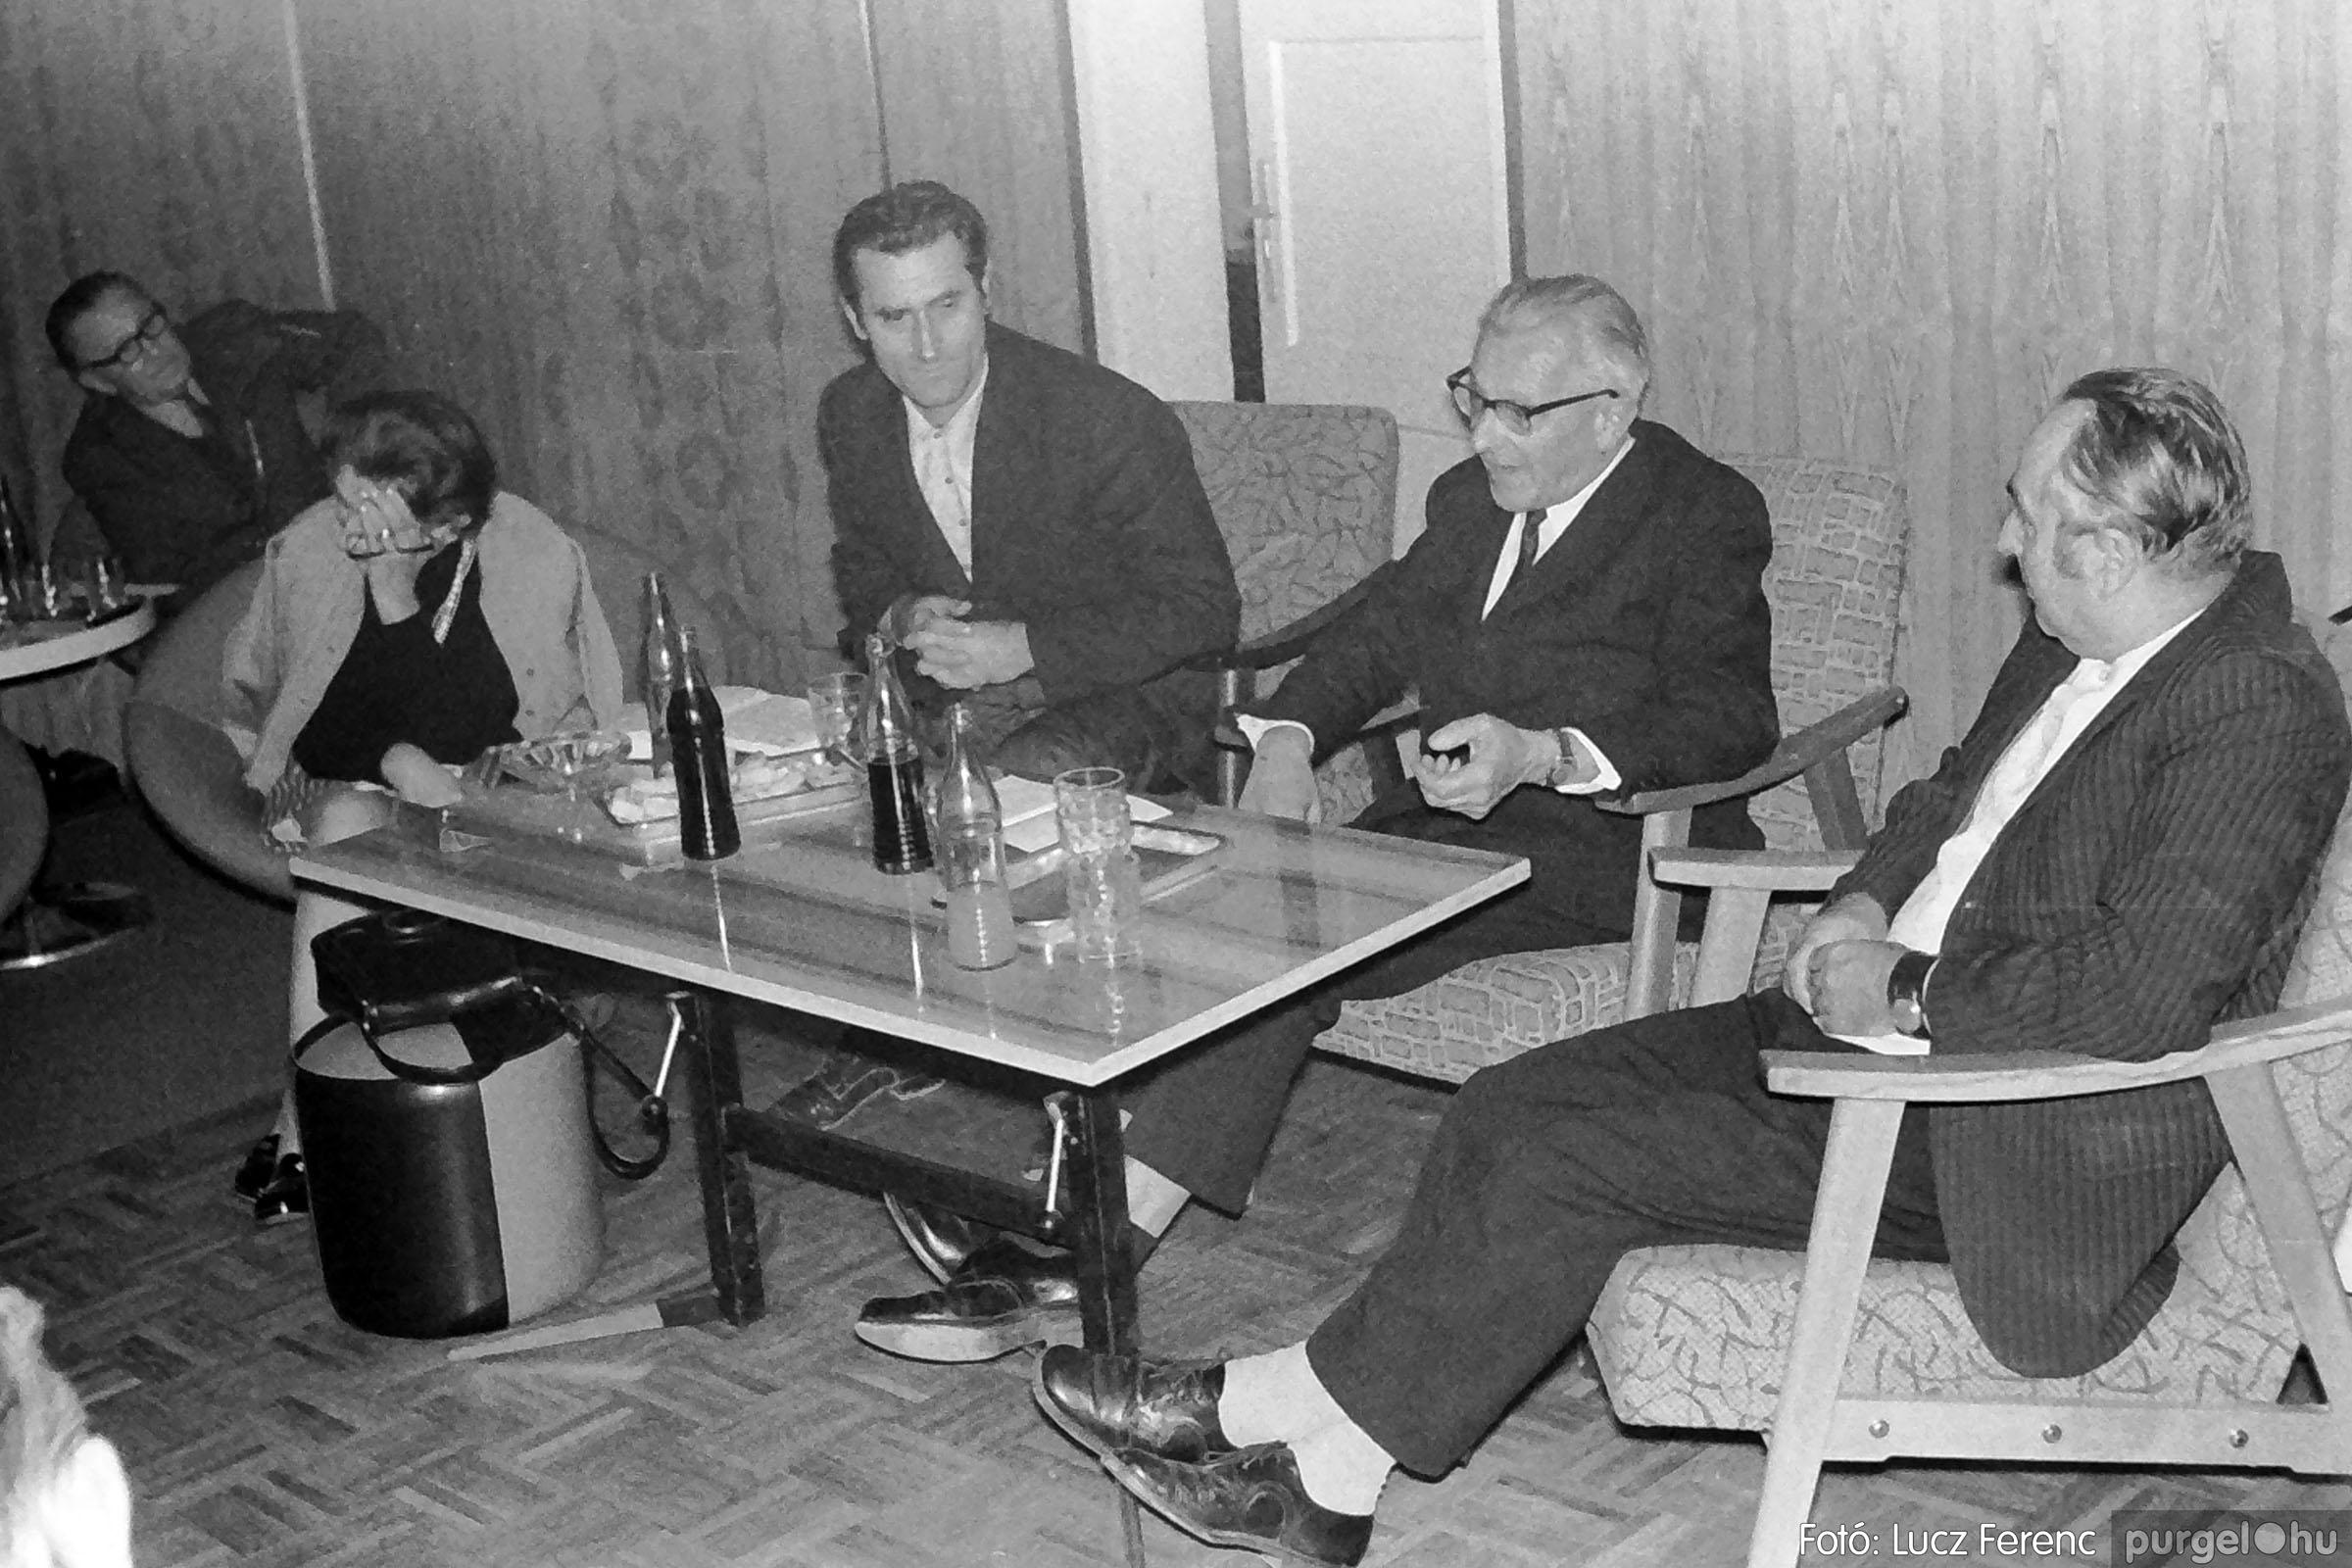 004A 1970-es évek - Ifjúsági klub 006 - Fotó: Lucz Ferenc IMG01167q.jpg